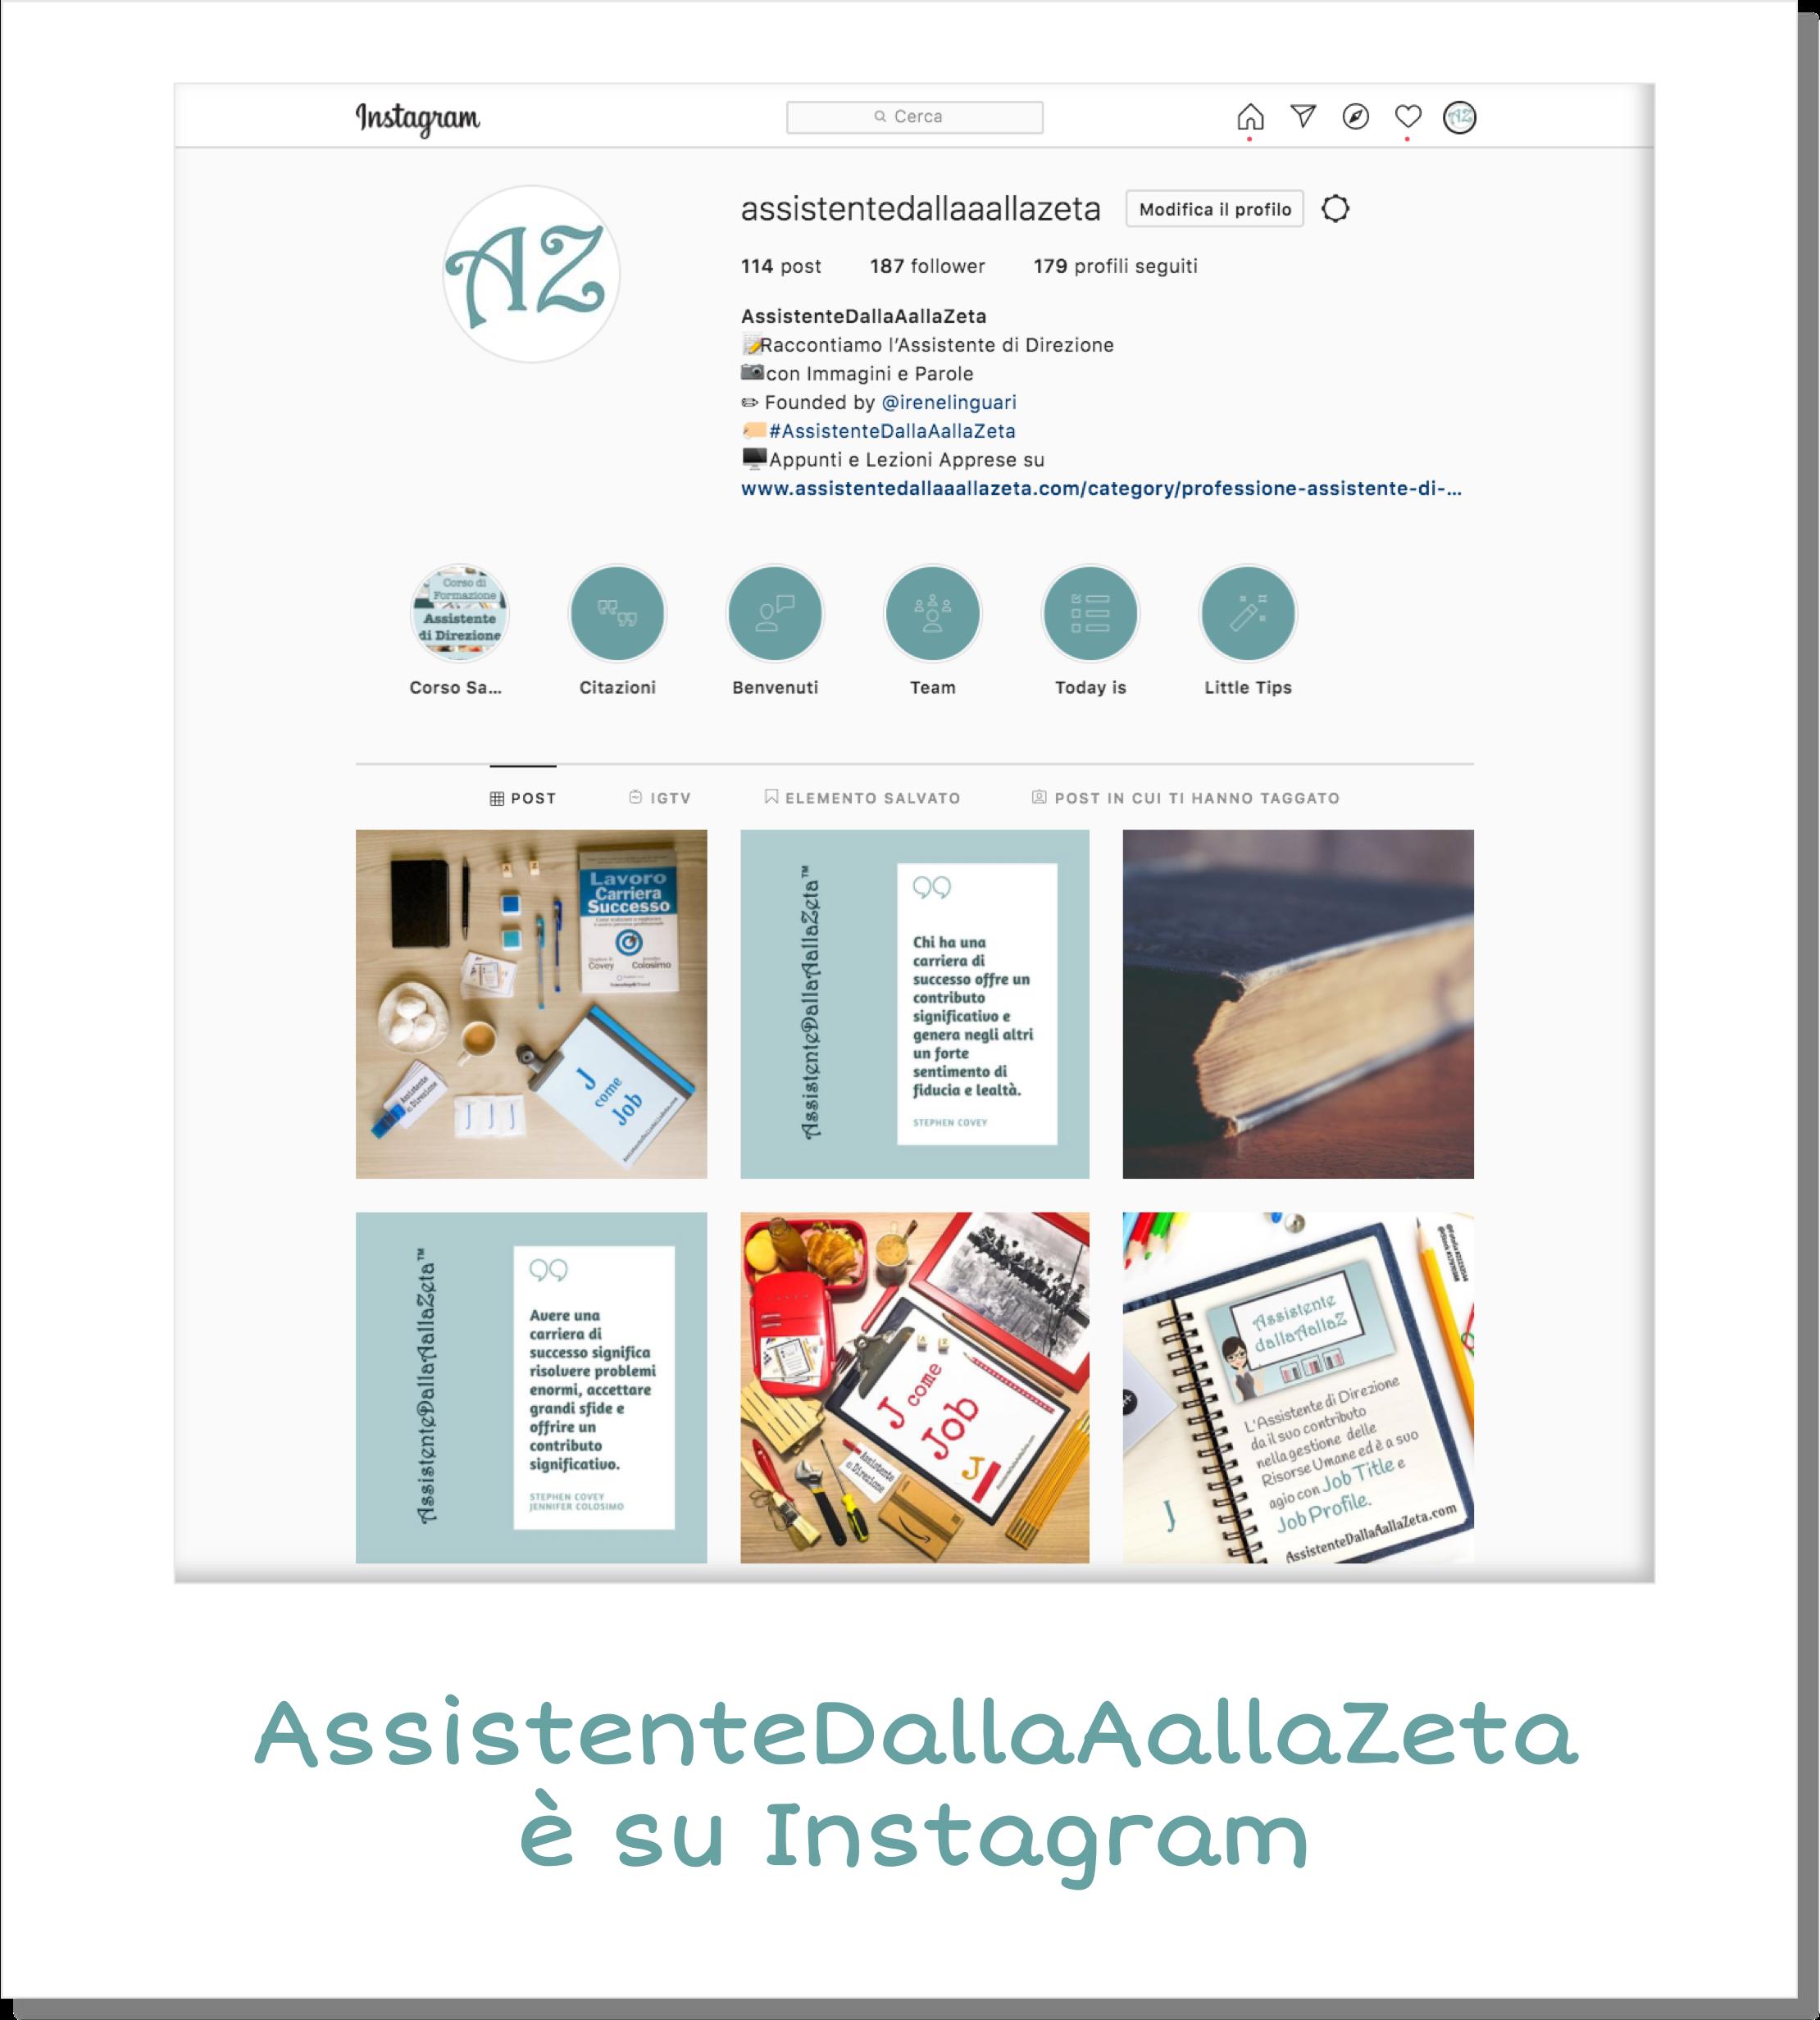 AssistenteDallaAallaZeta Parole Chiave Assistente di Direzione Instagram Assistente Dalla A alla Zeta